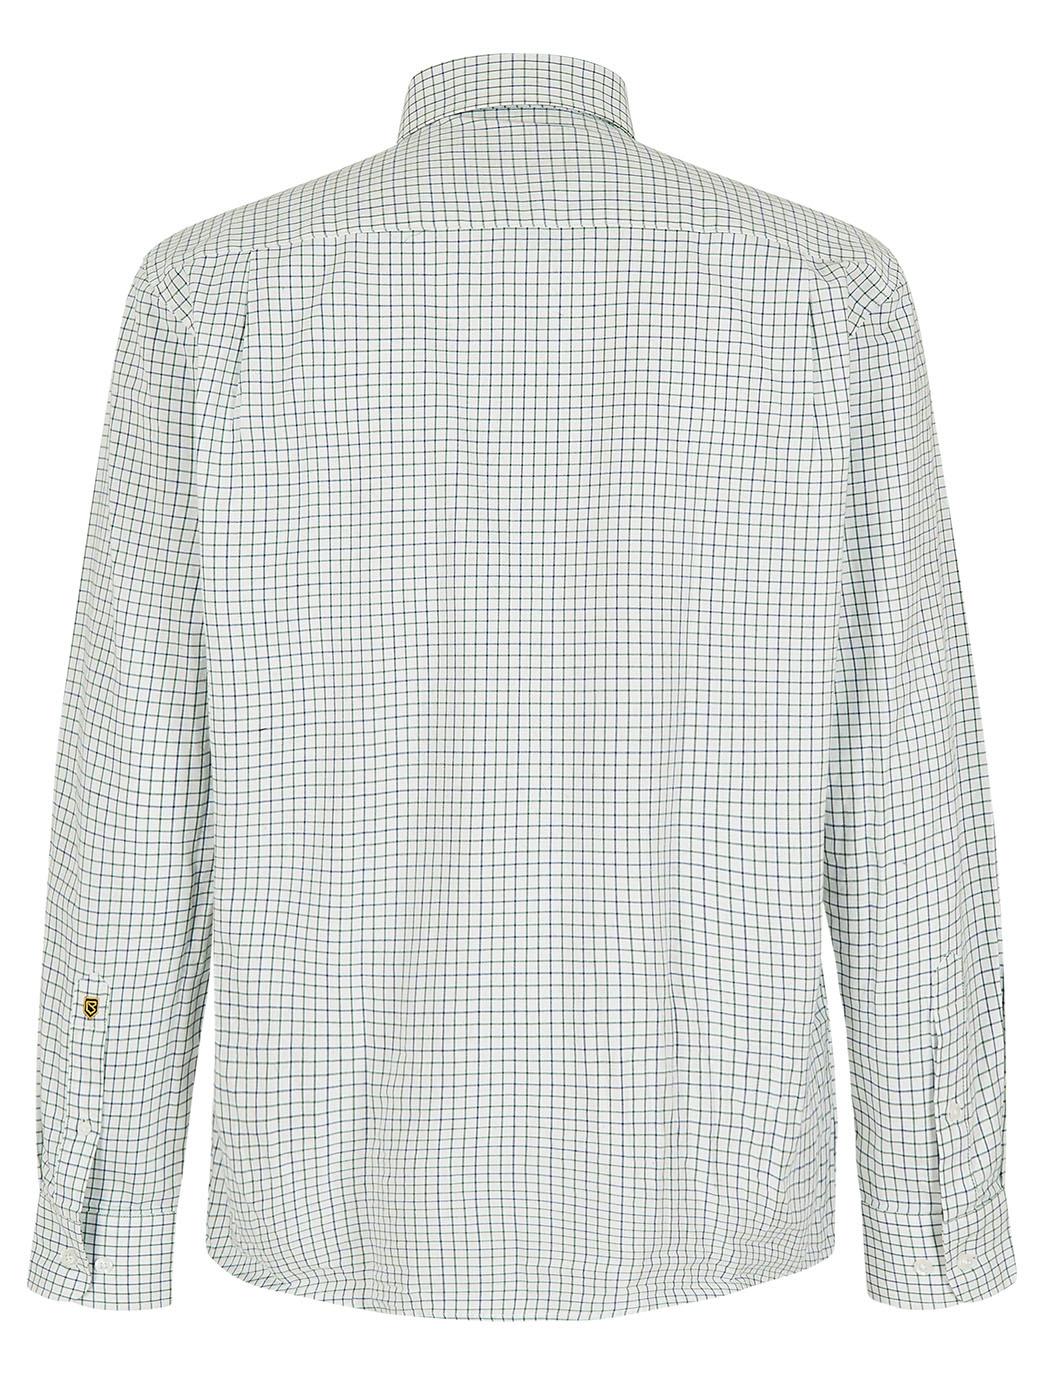 Dubarry Muckross Tattersall Shirt - Dusky Green-5